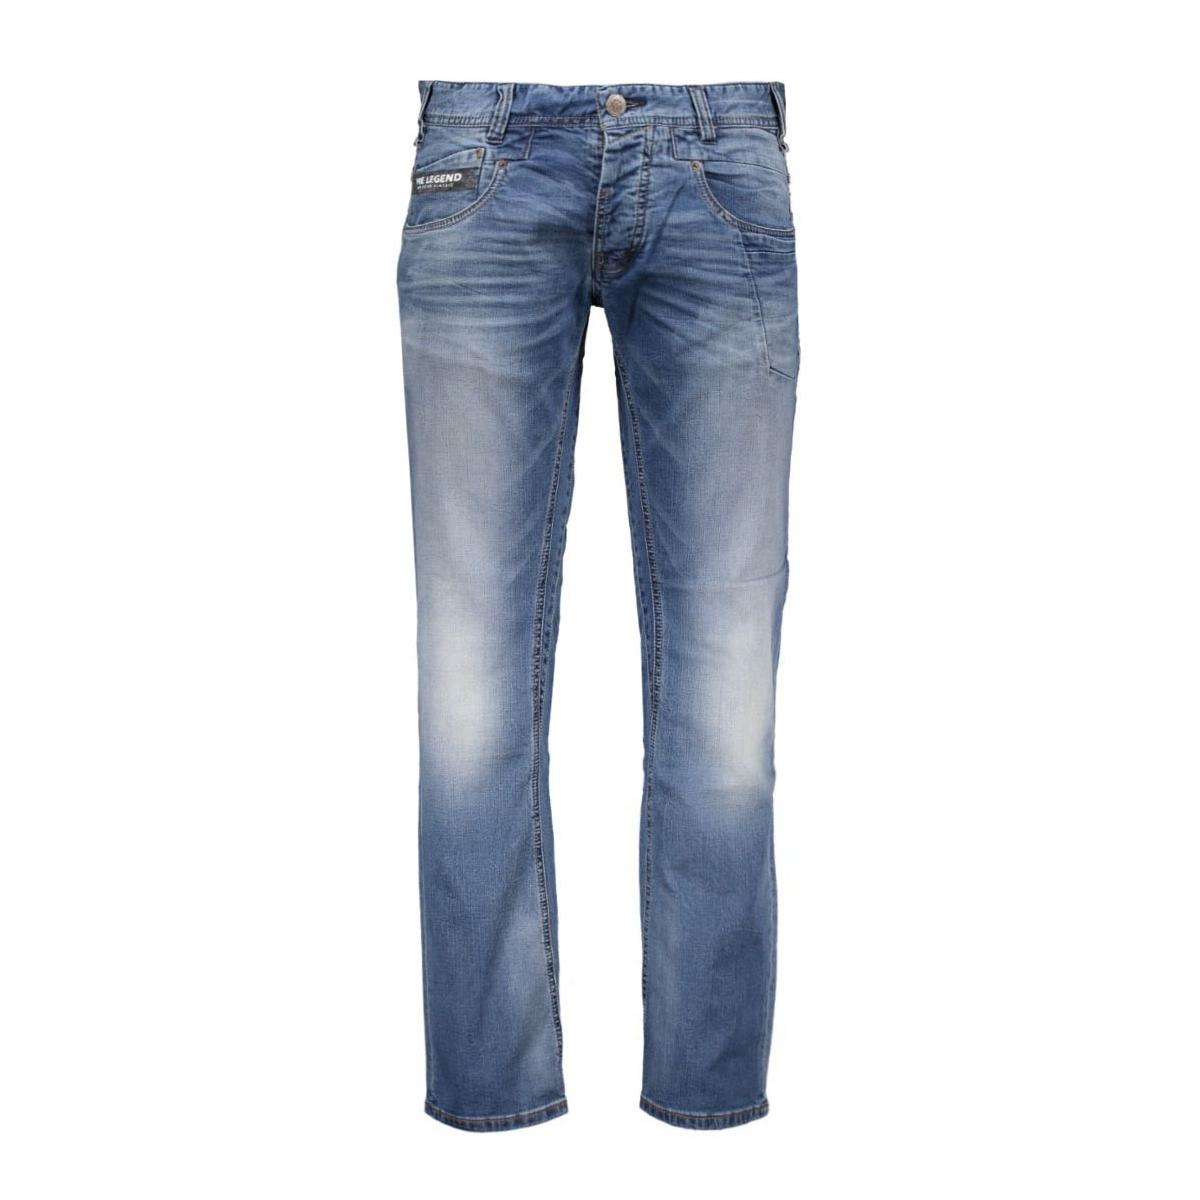 sweat commander ptr980 pme legend jeans 590